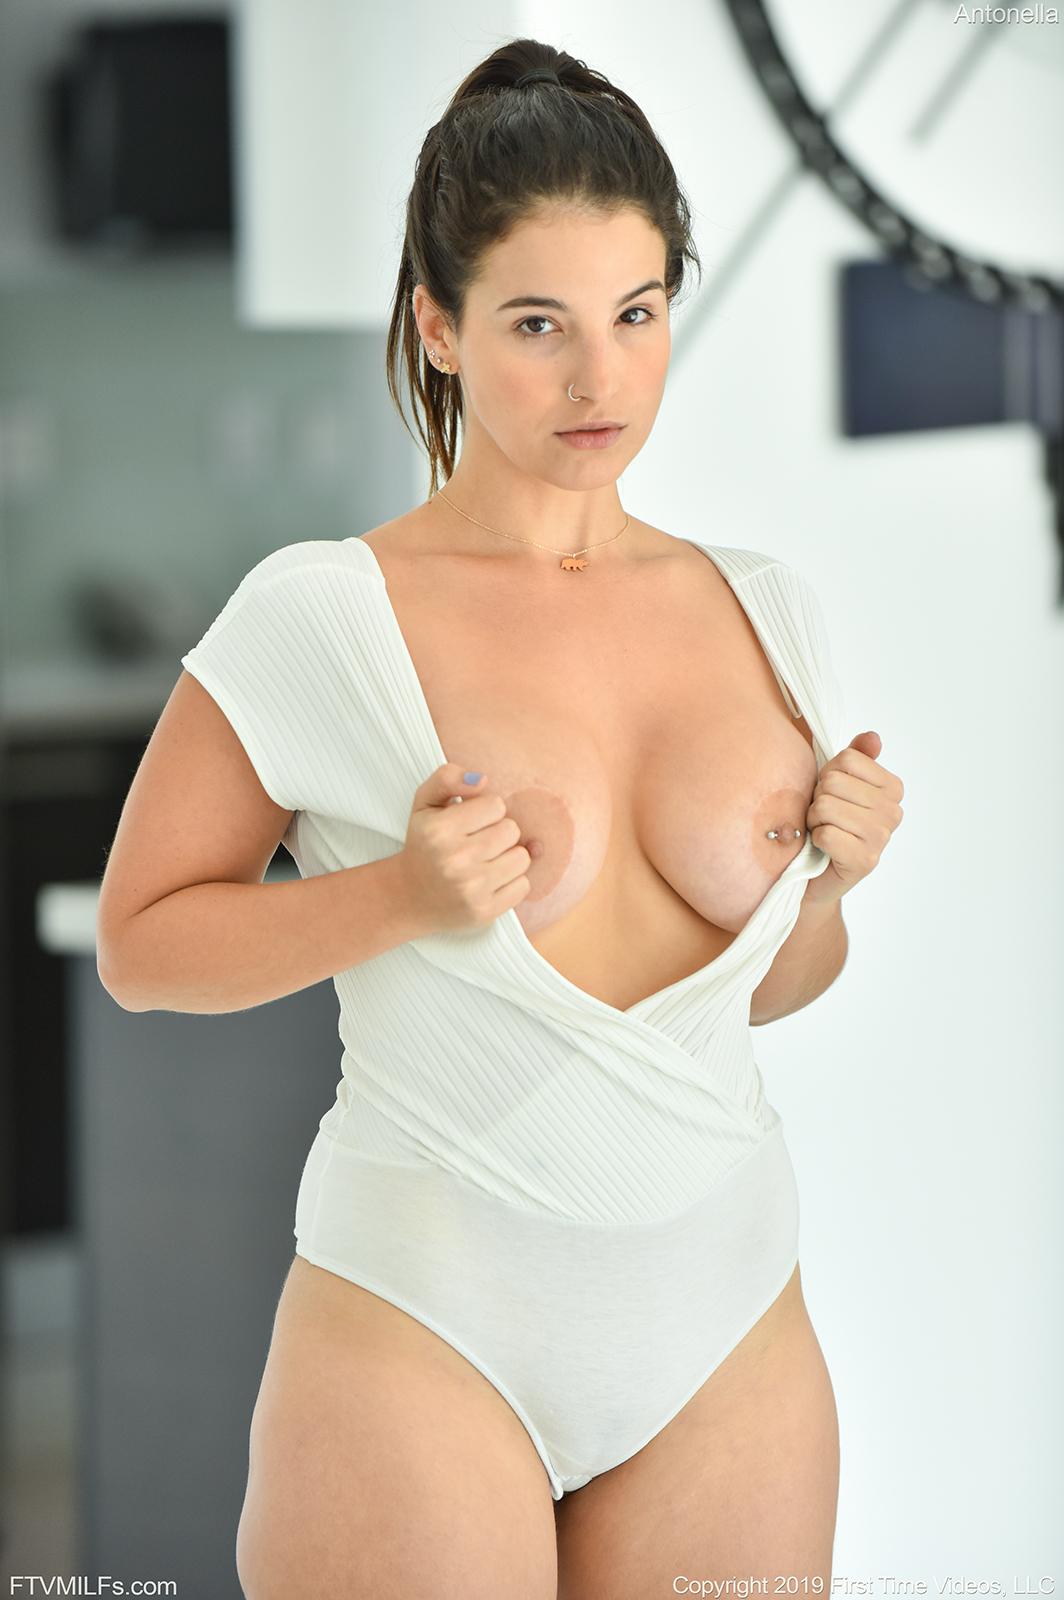 Russian Milf Anal Big Tits